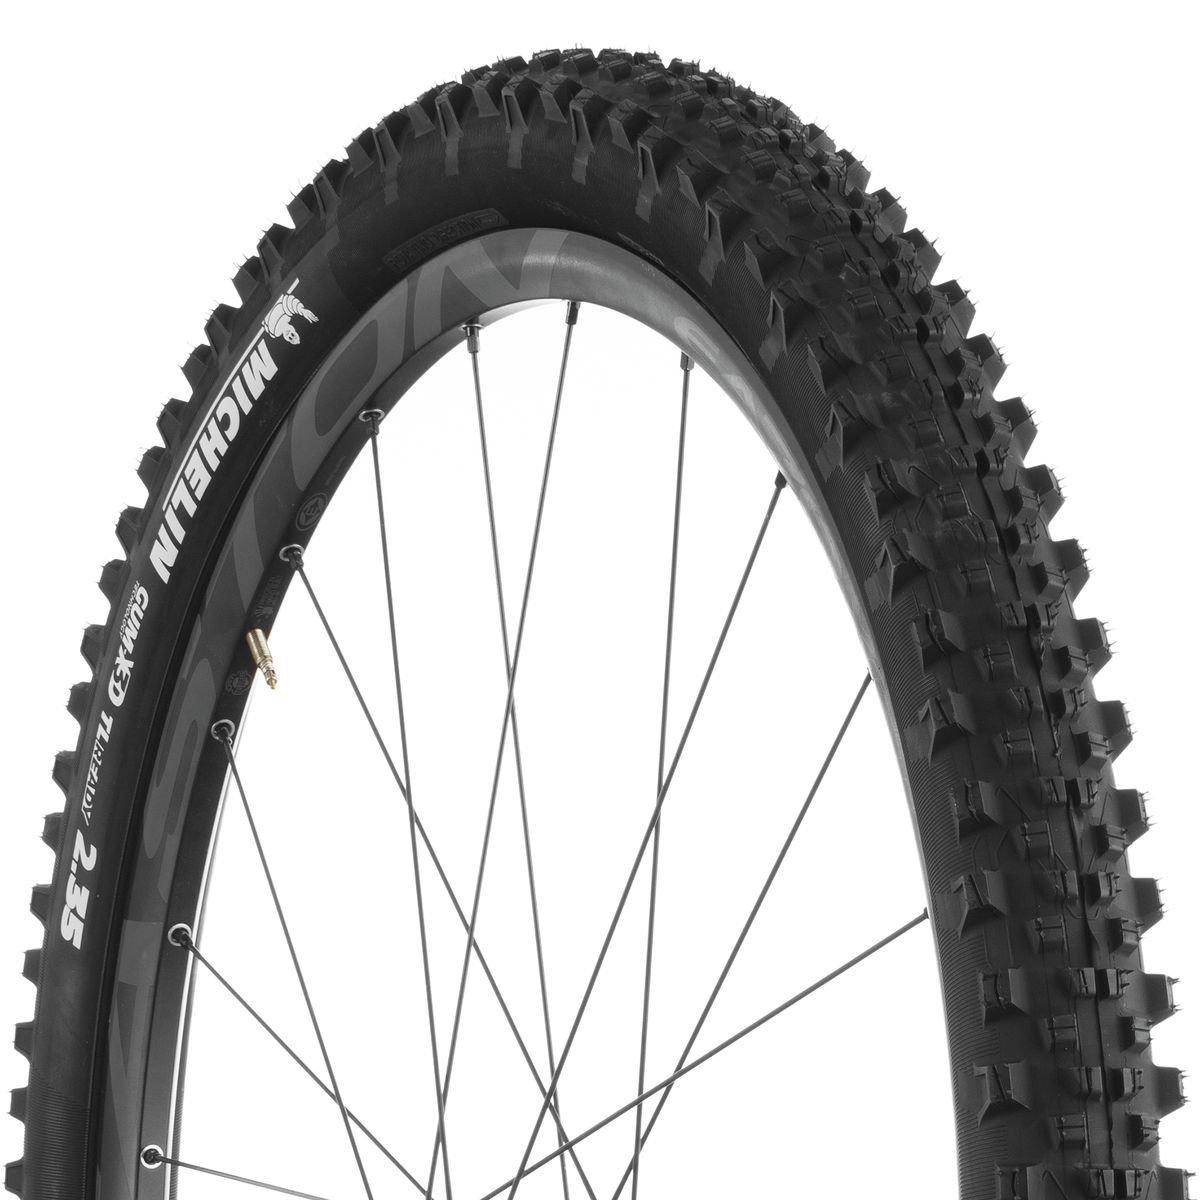 Michelin Wild Amタイヤ – 29 in B075F7XMVQブラック 29x2.35